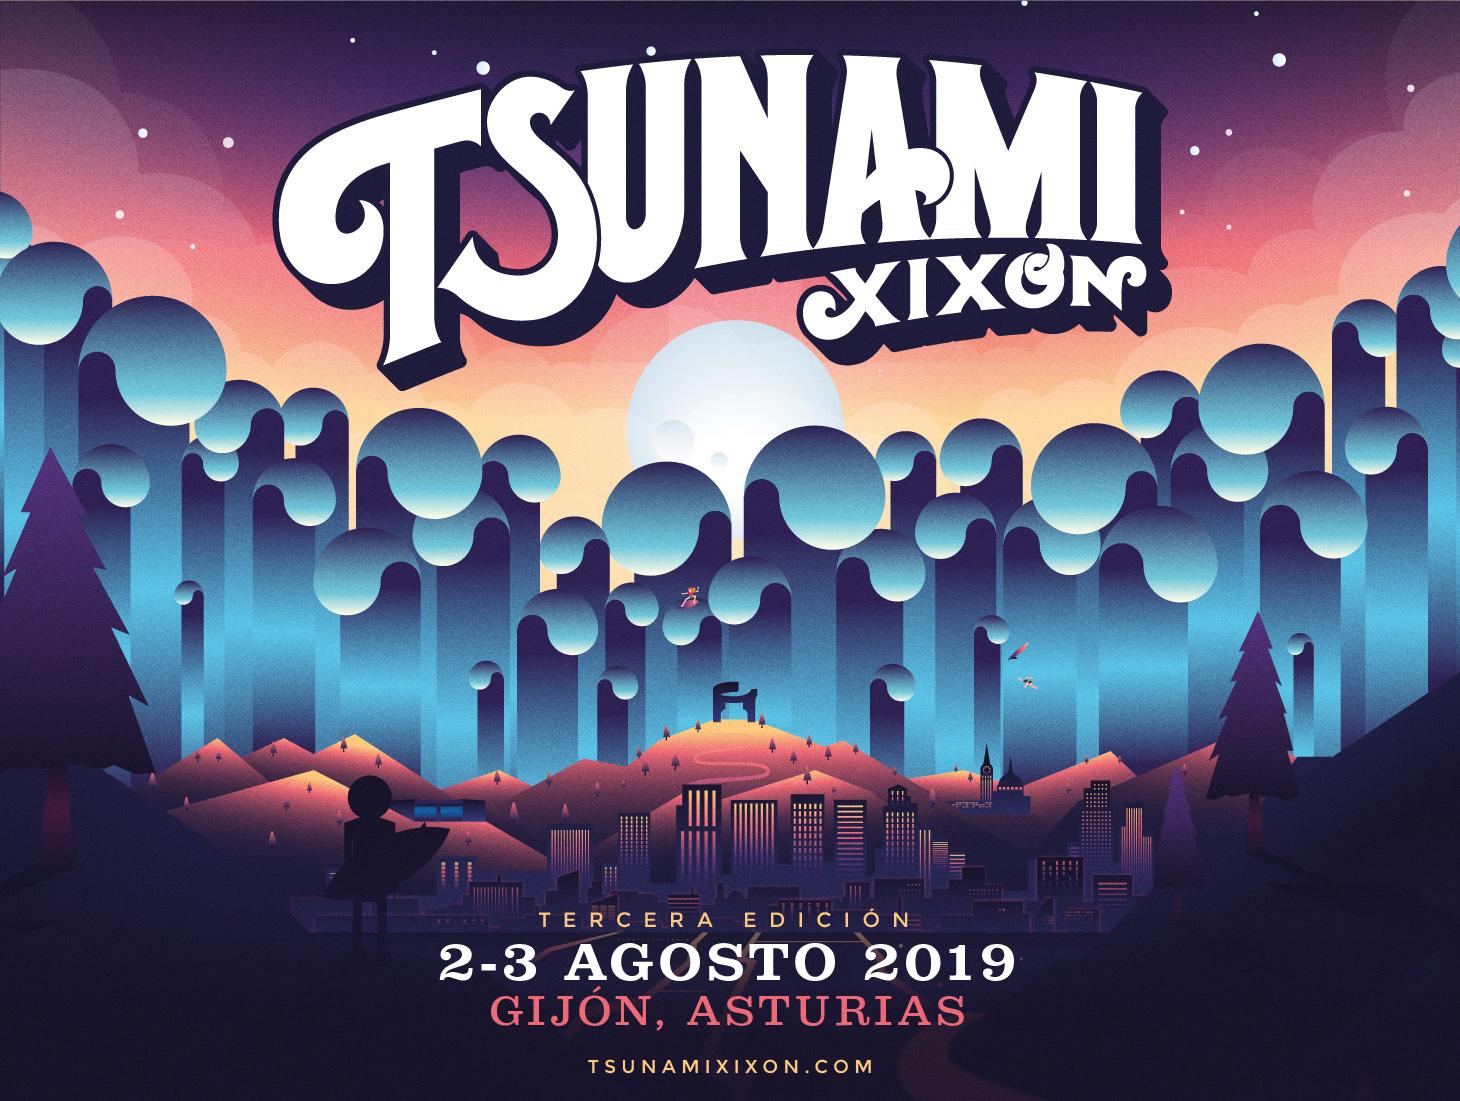 tsunami-xixon-2019-2-y-3-de-agosto-5c517